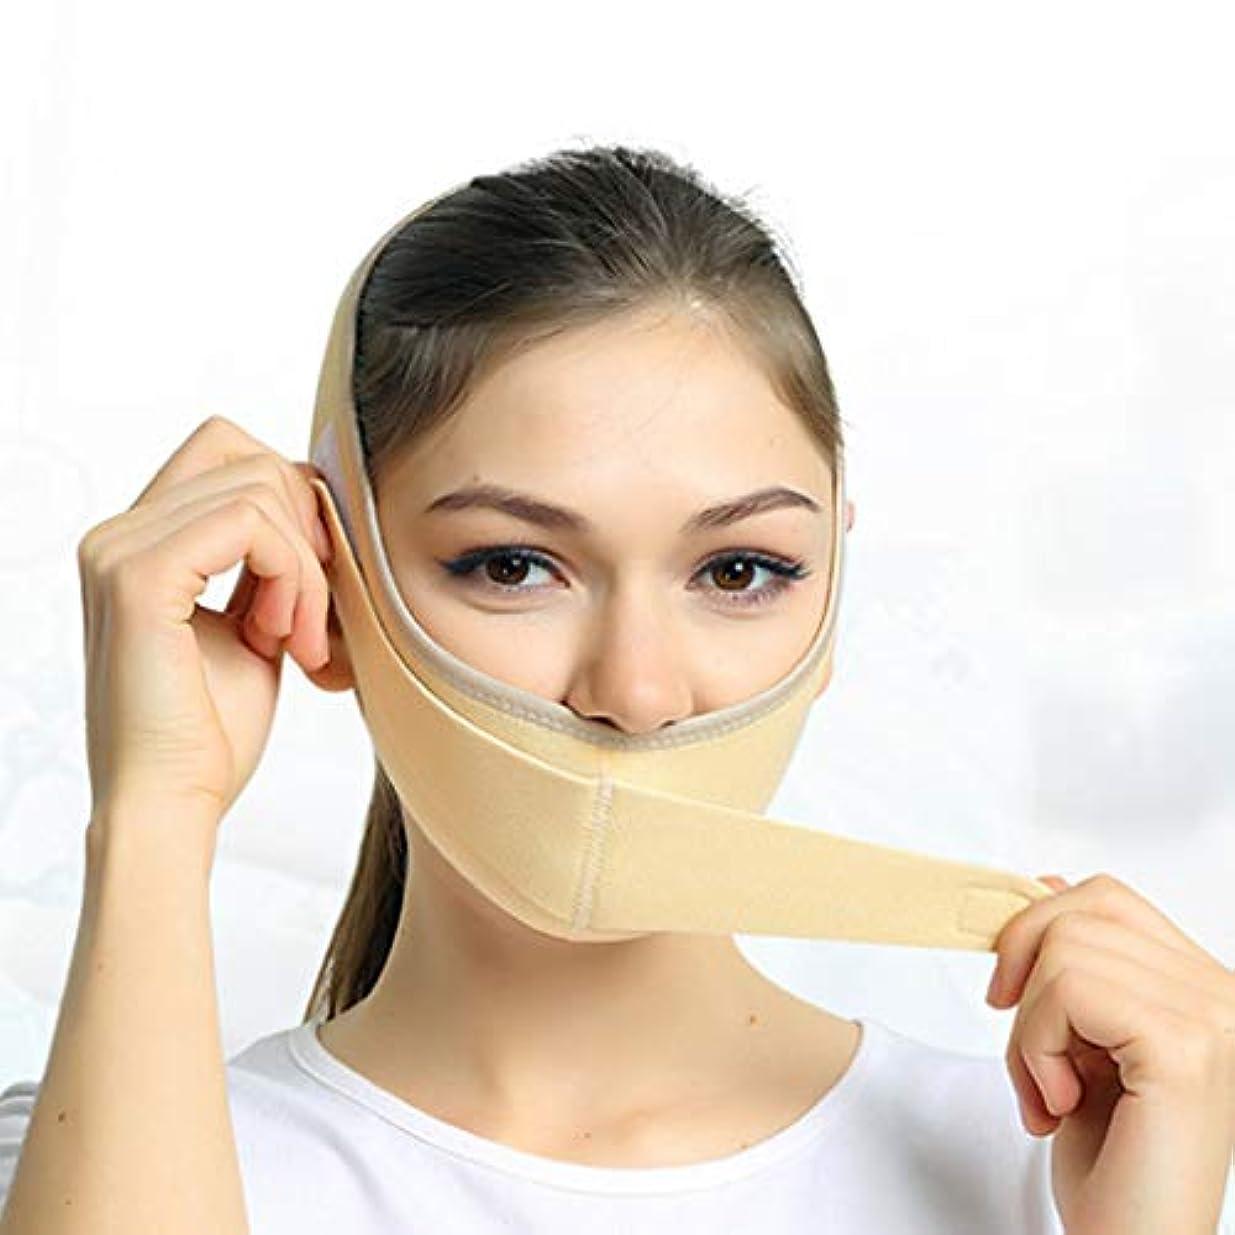 自治的蒸酸顔の減量術後の回復包帯小さな v 顔睡眠マスク露出あごの医療顔